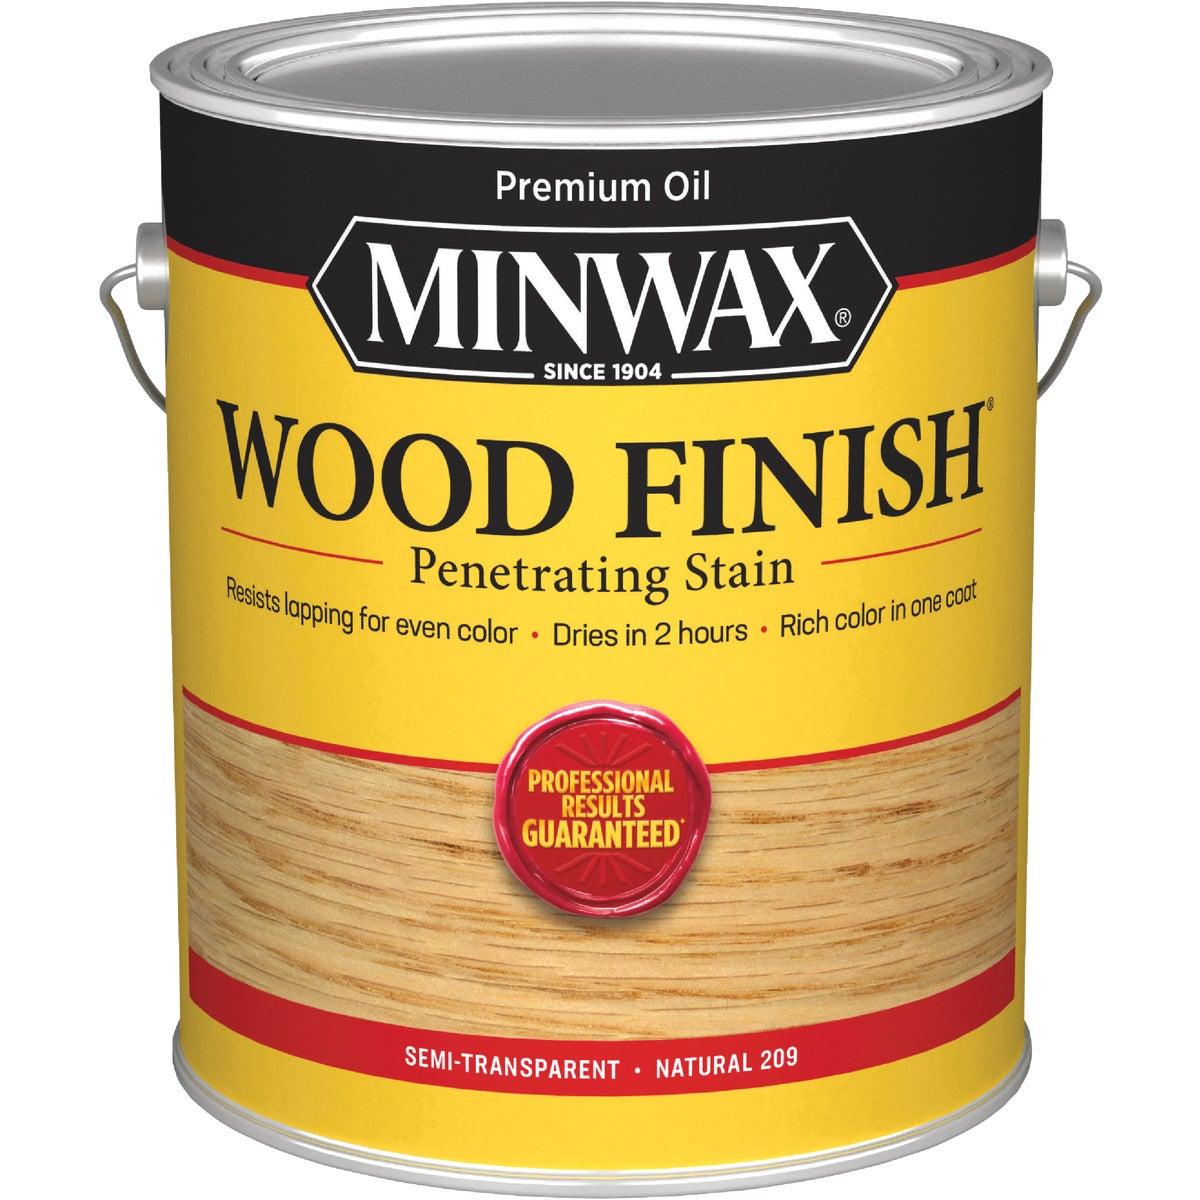 Minwax 71000000 Wood Finish, 1 gallon, Natural